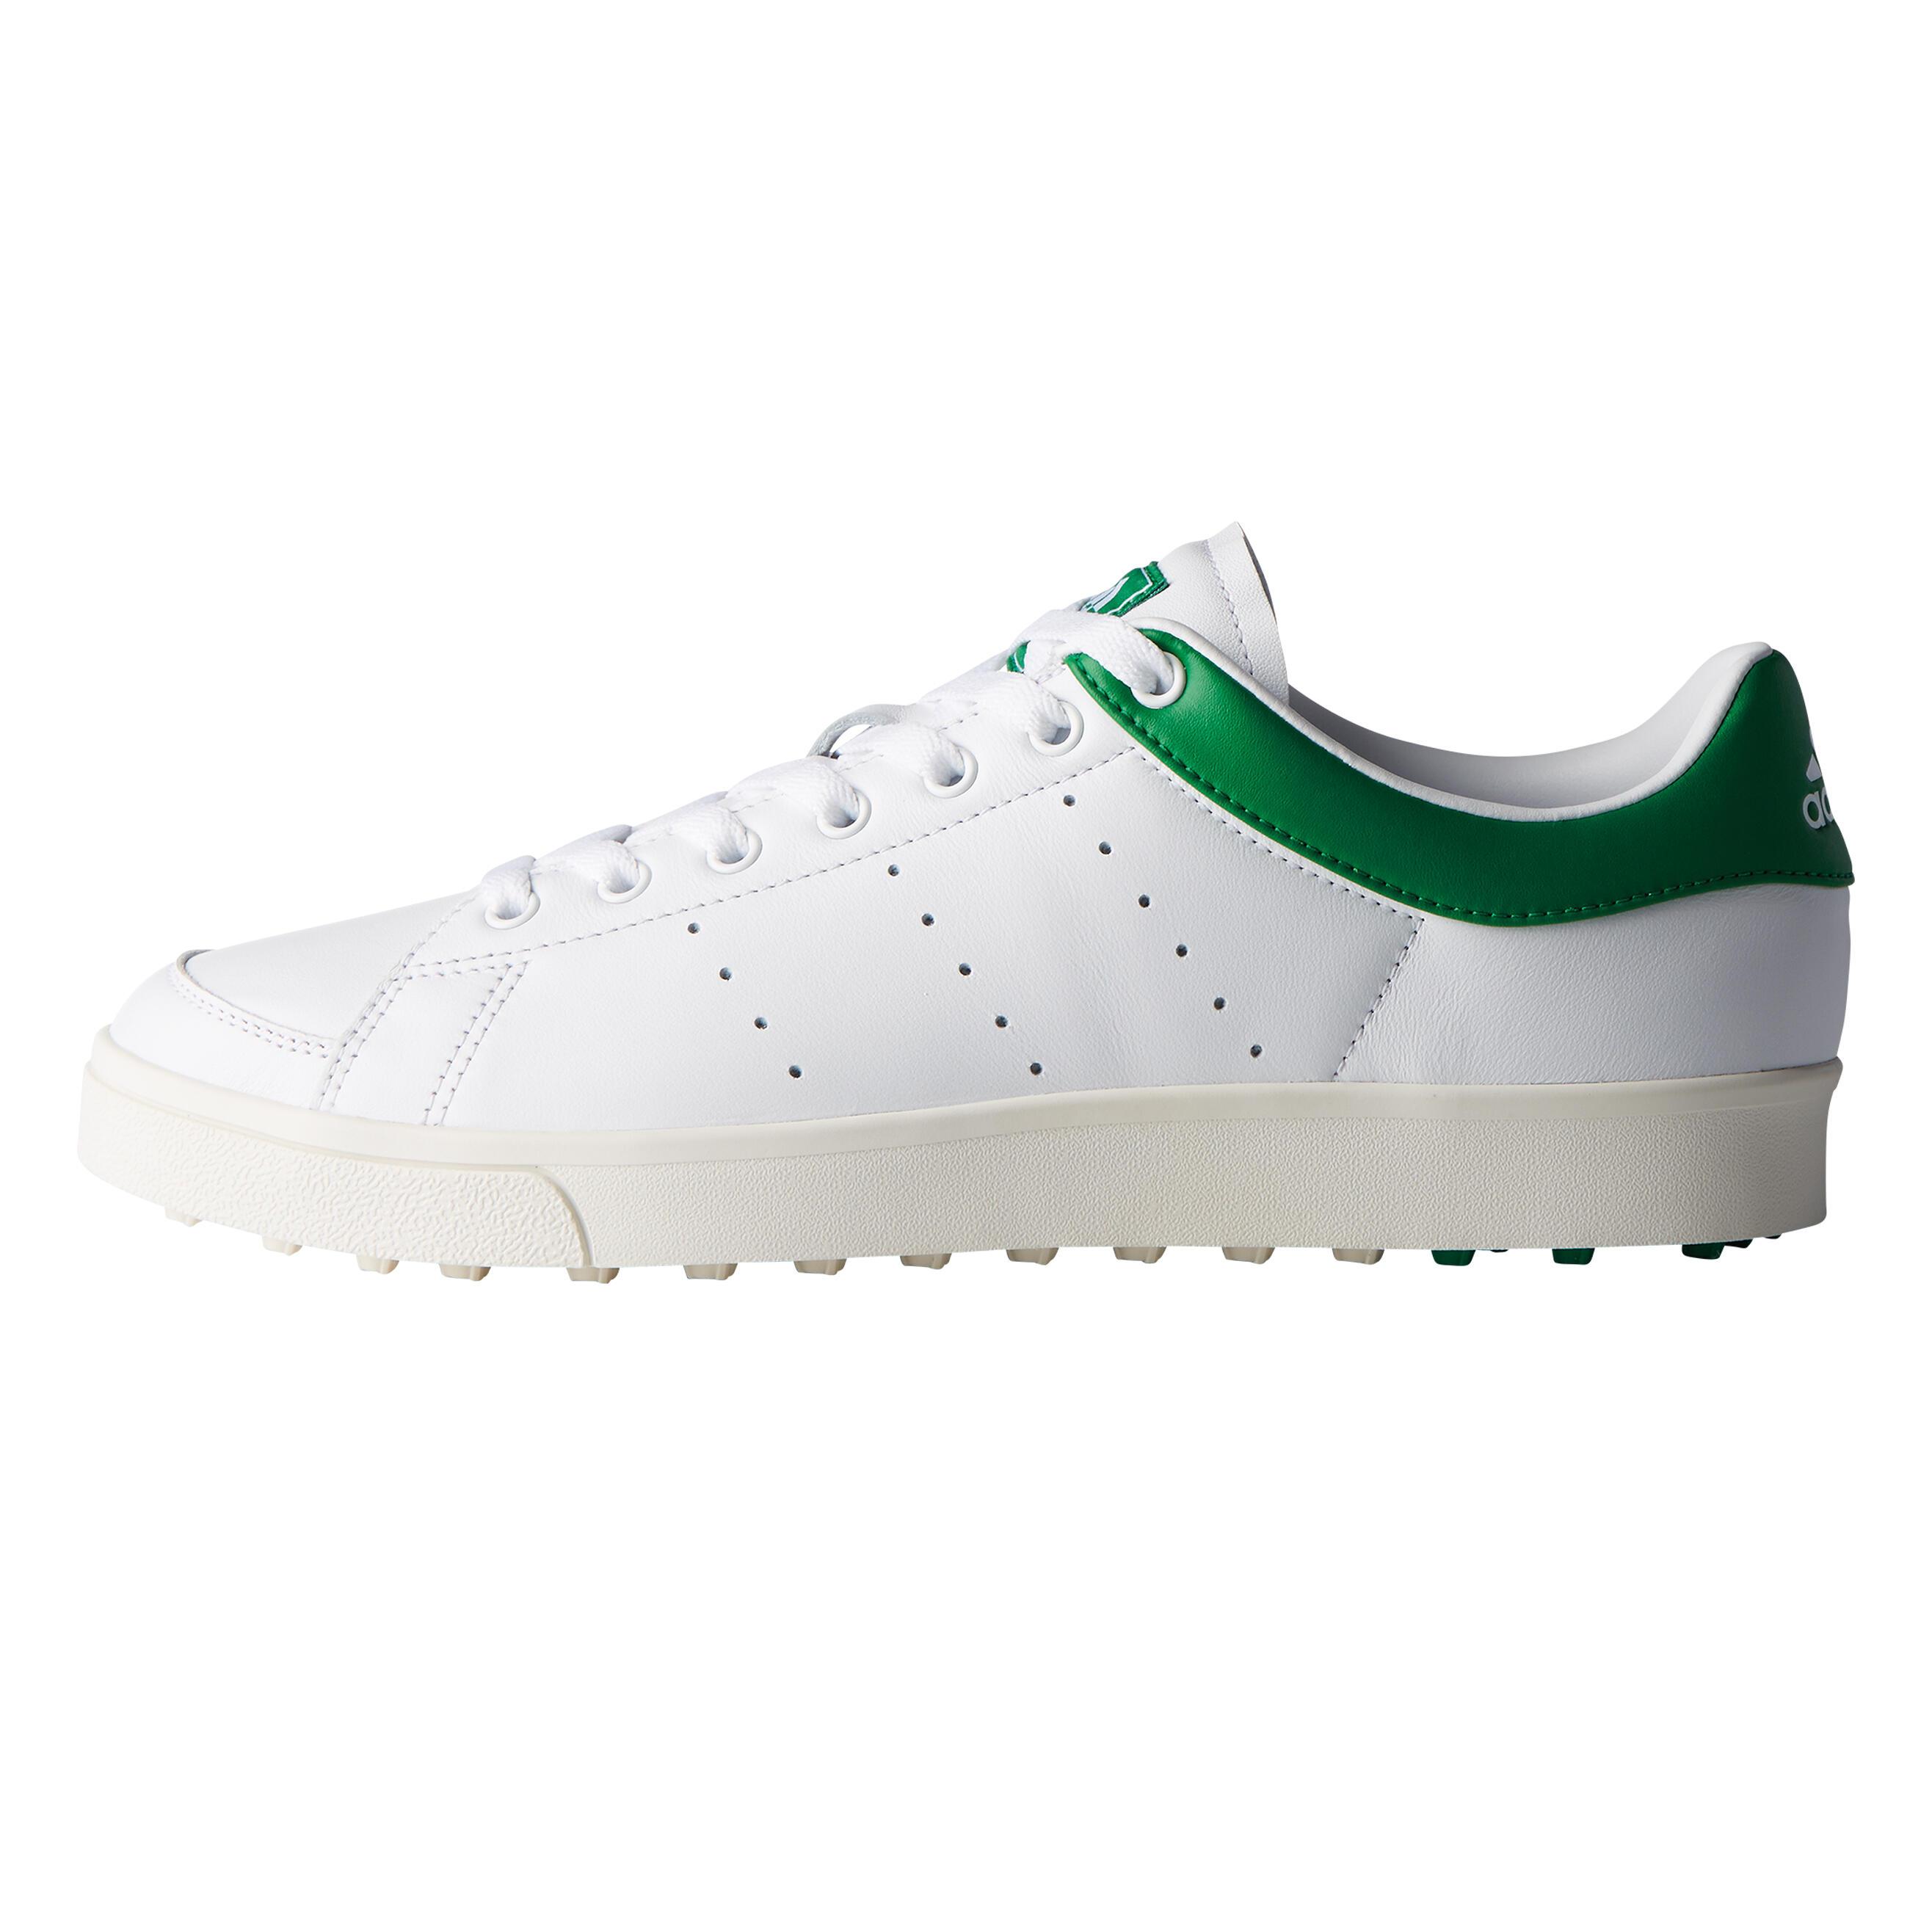 Adidas Golfschoenen Adicross Classic voor heren wit